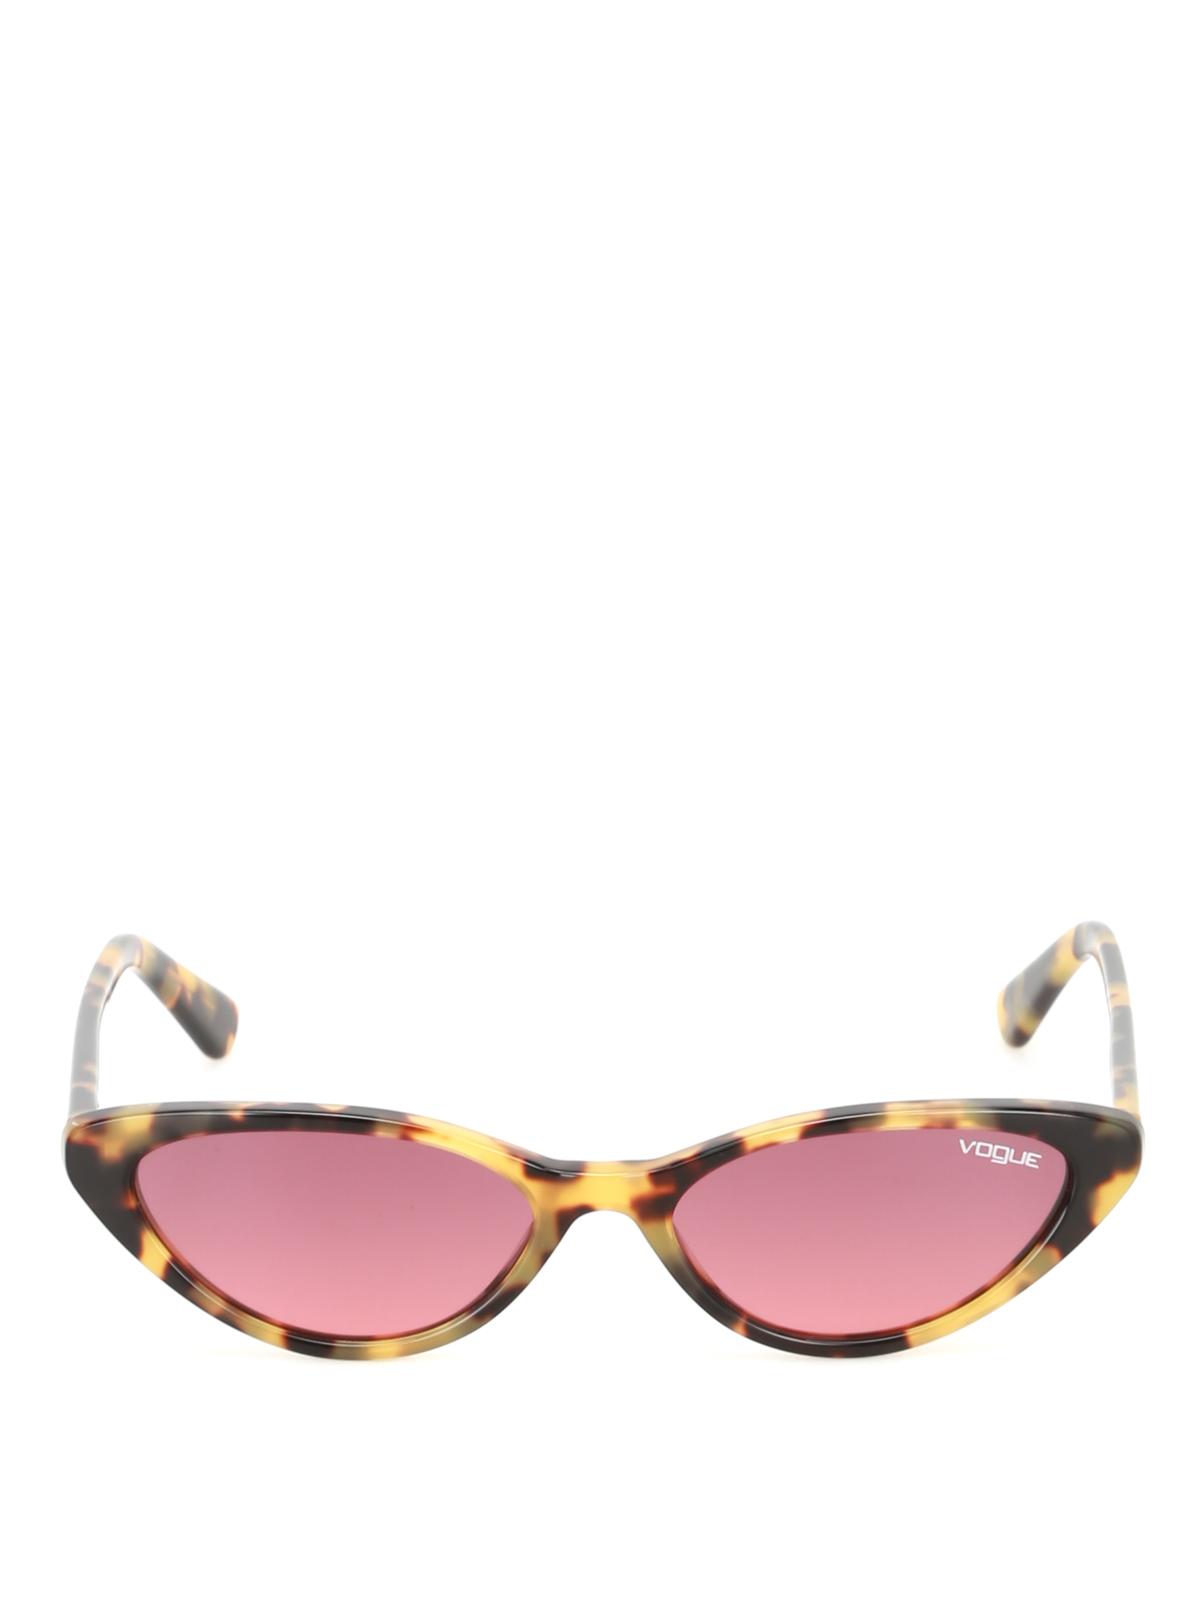 Soleil Lunettes Hadid Vogue De Gigi v0nmN8wO